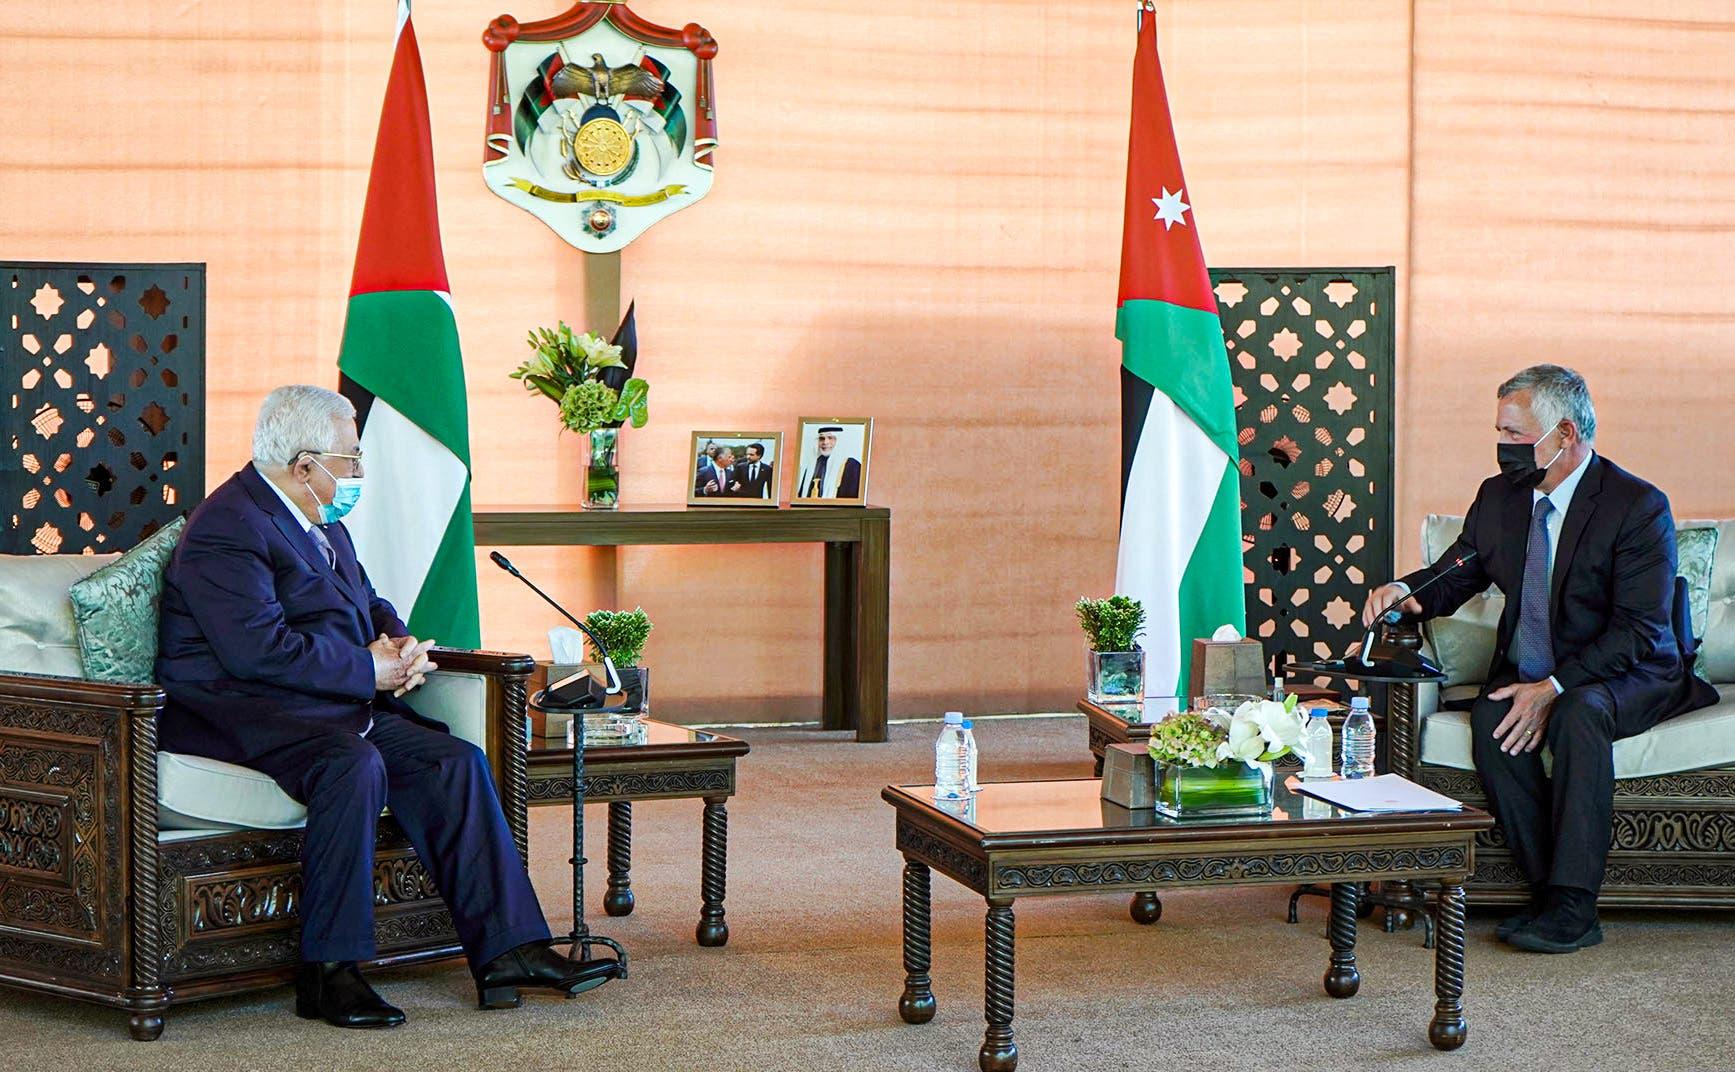 العاهل الأردني الملك عبد الله الثاني خلال استقباله الرئيس الفلسطيني محمود عباس